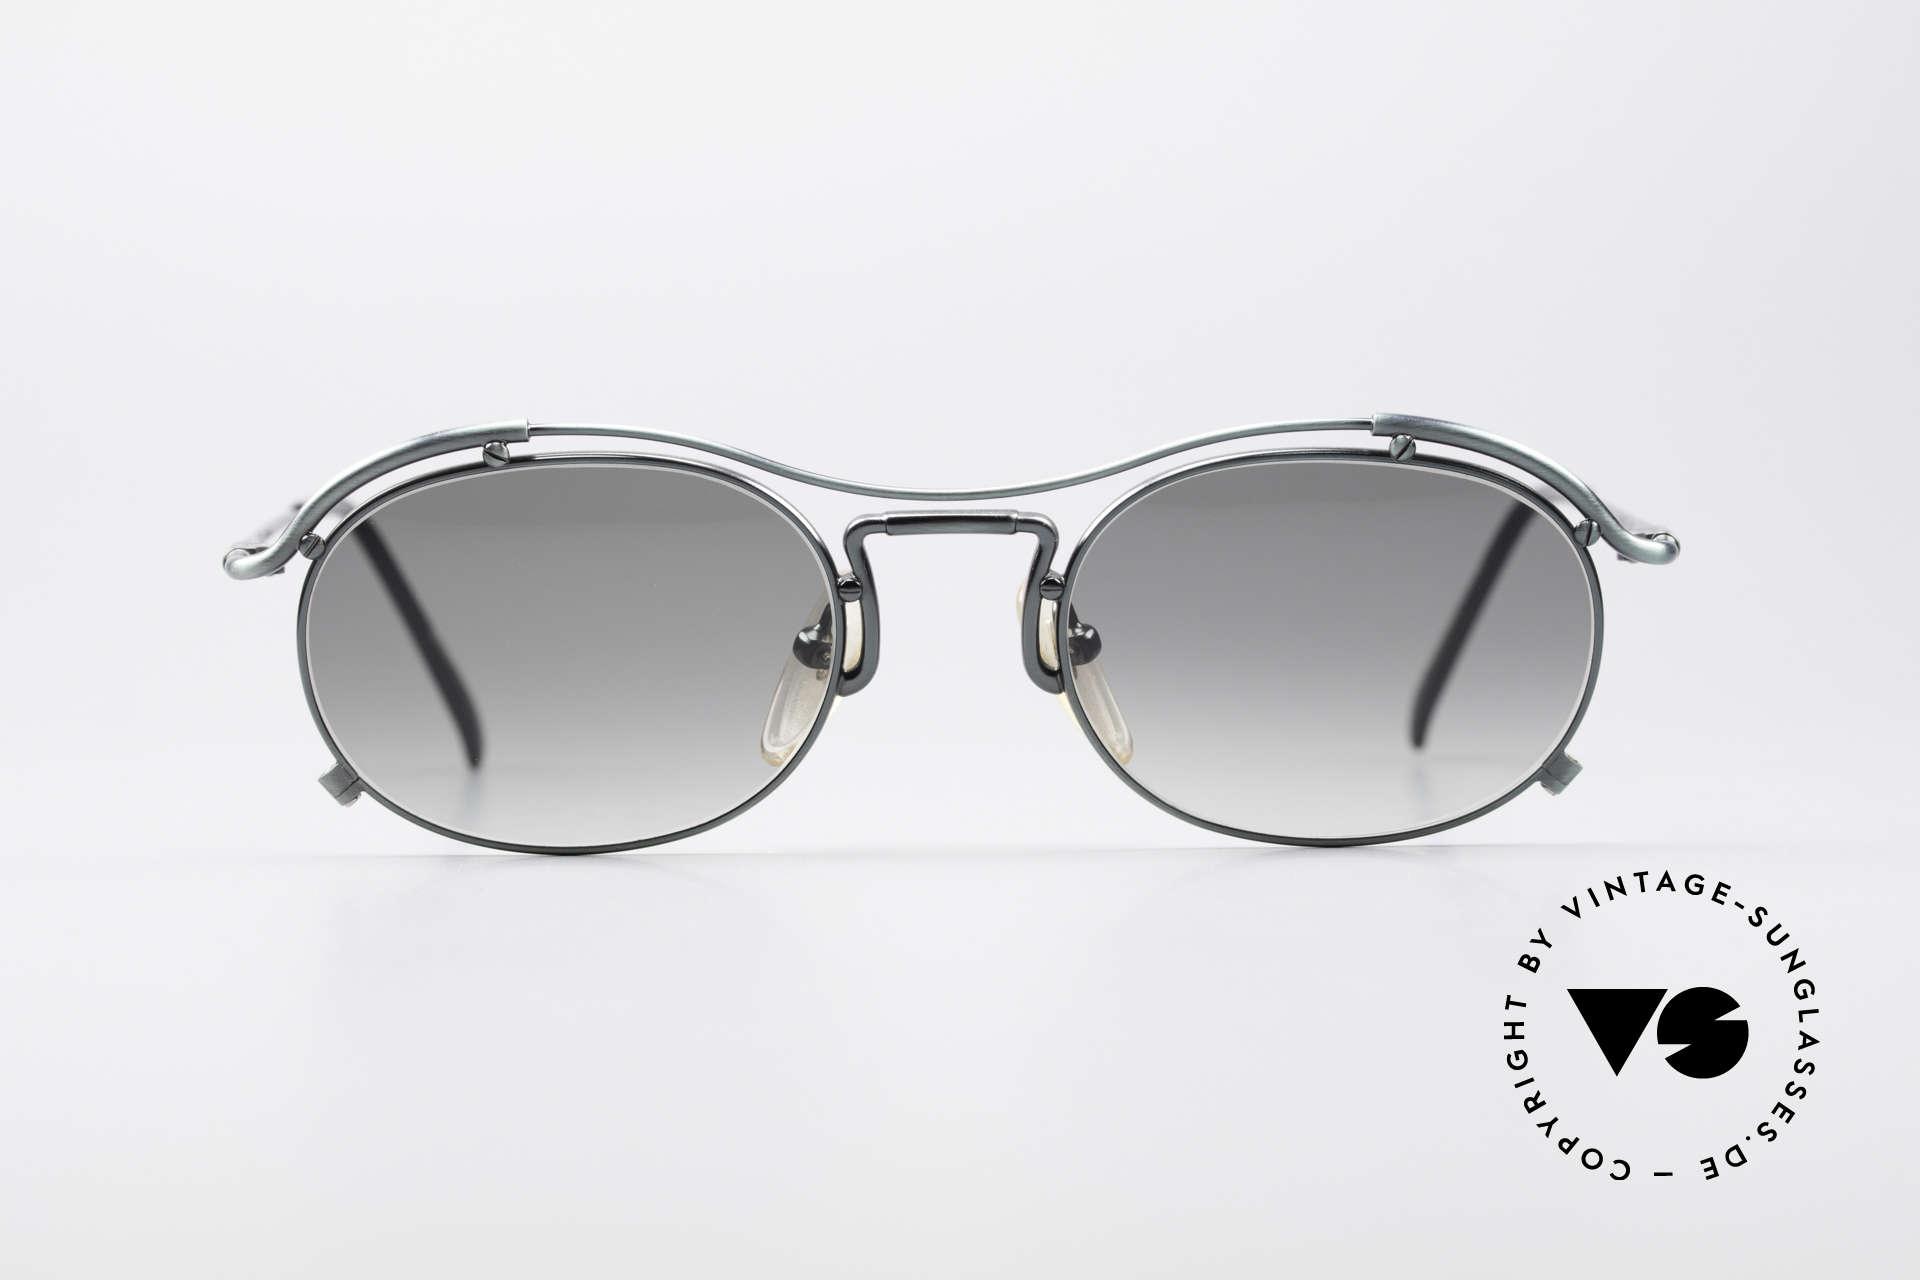 Jean Paul Gaultier 55-2170 Vintage 90er Sonnenbrille, schwungvolle Rahmenkonstruktion; ein Hingucker!, Passend für Herren und Damen